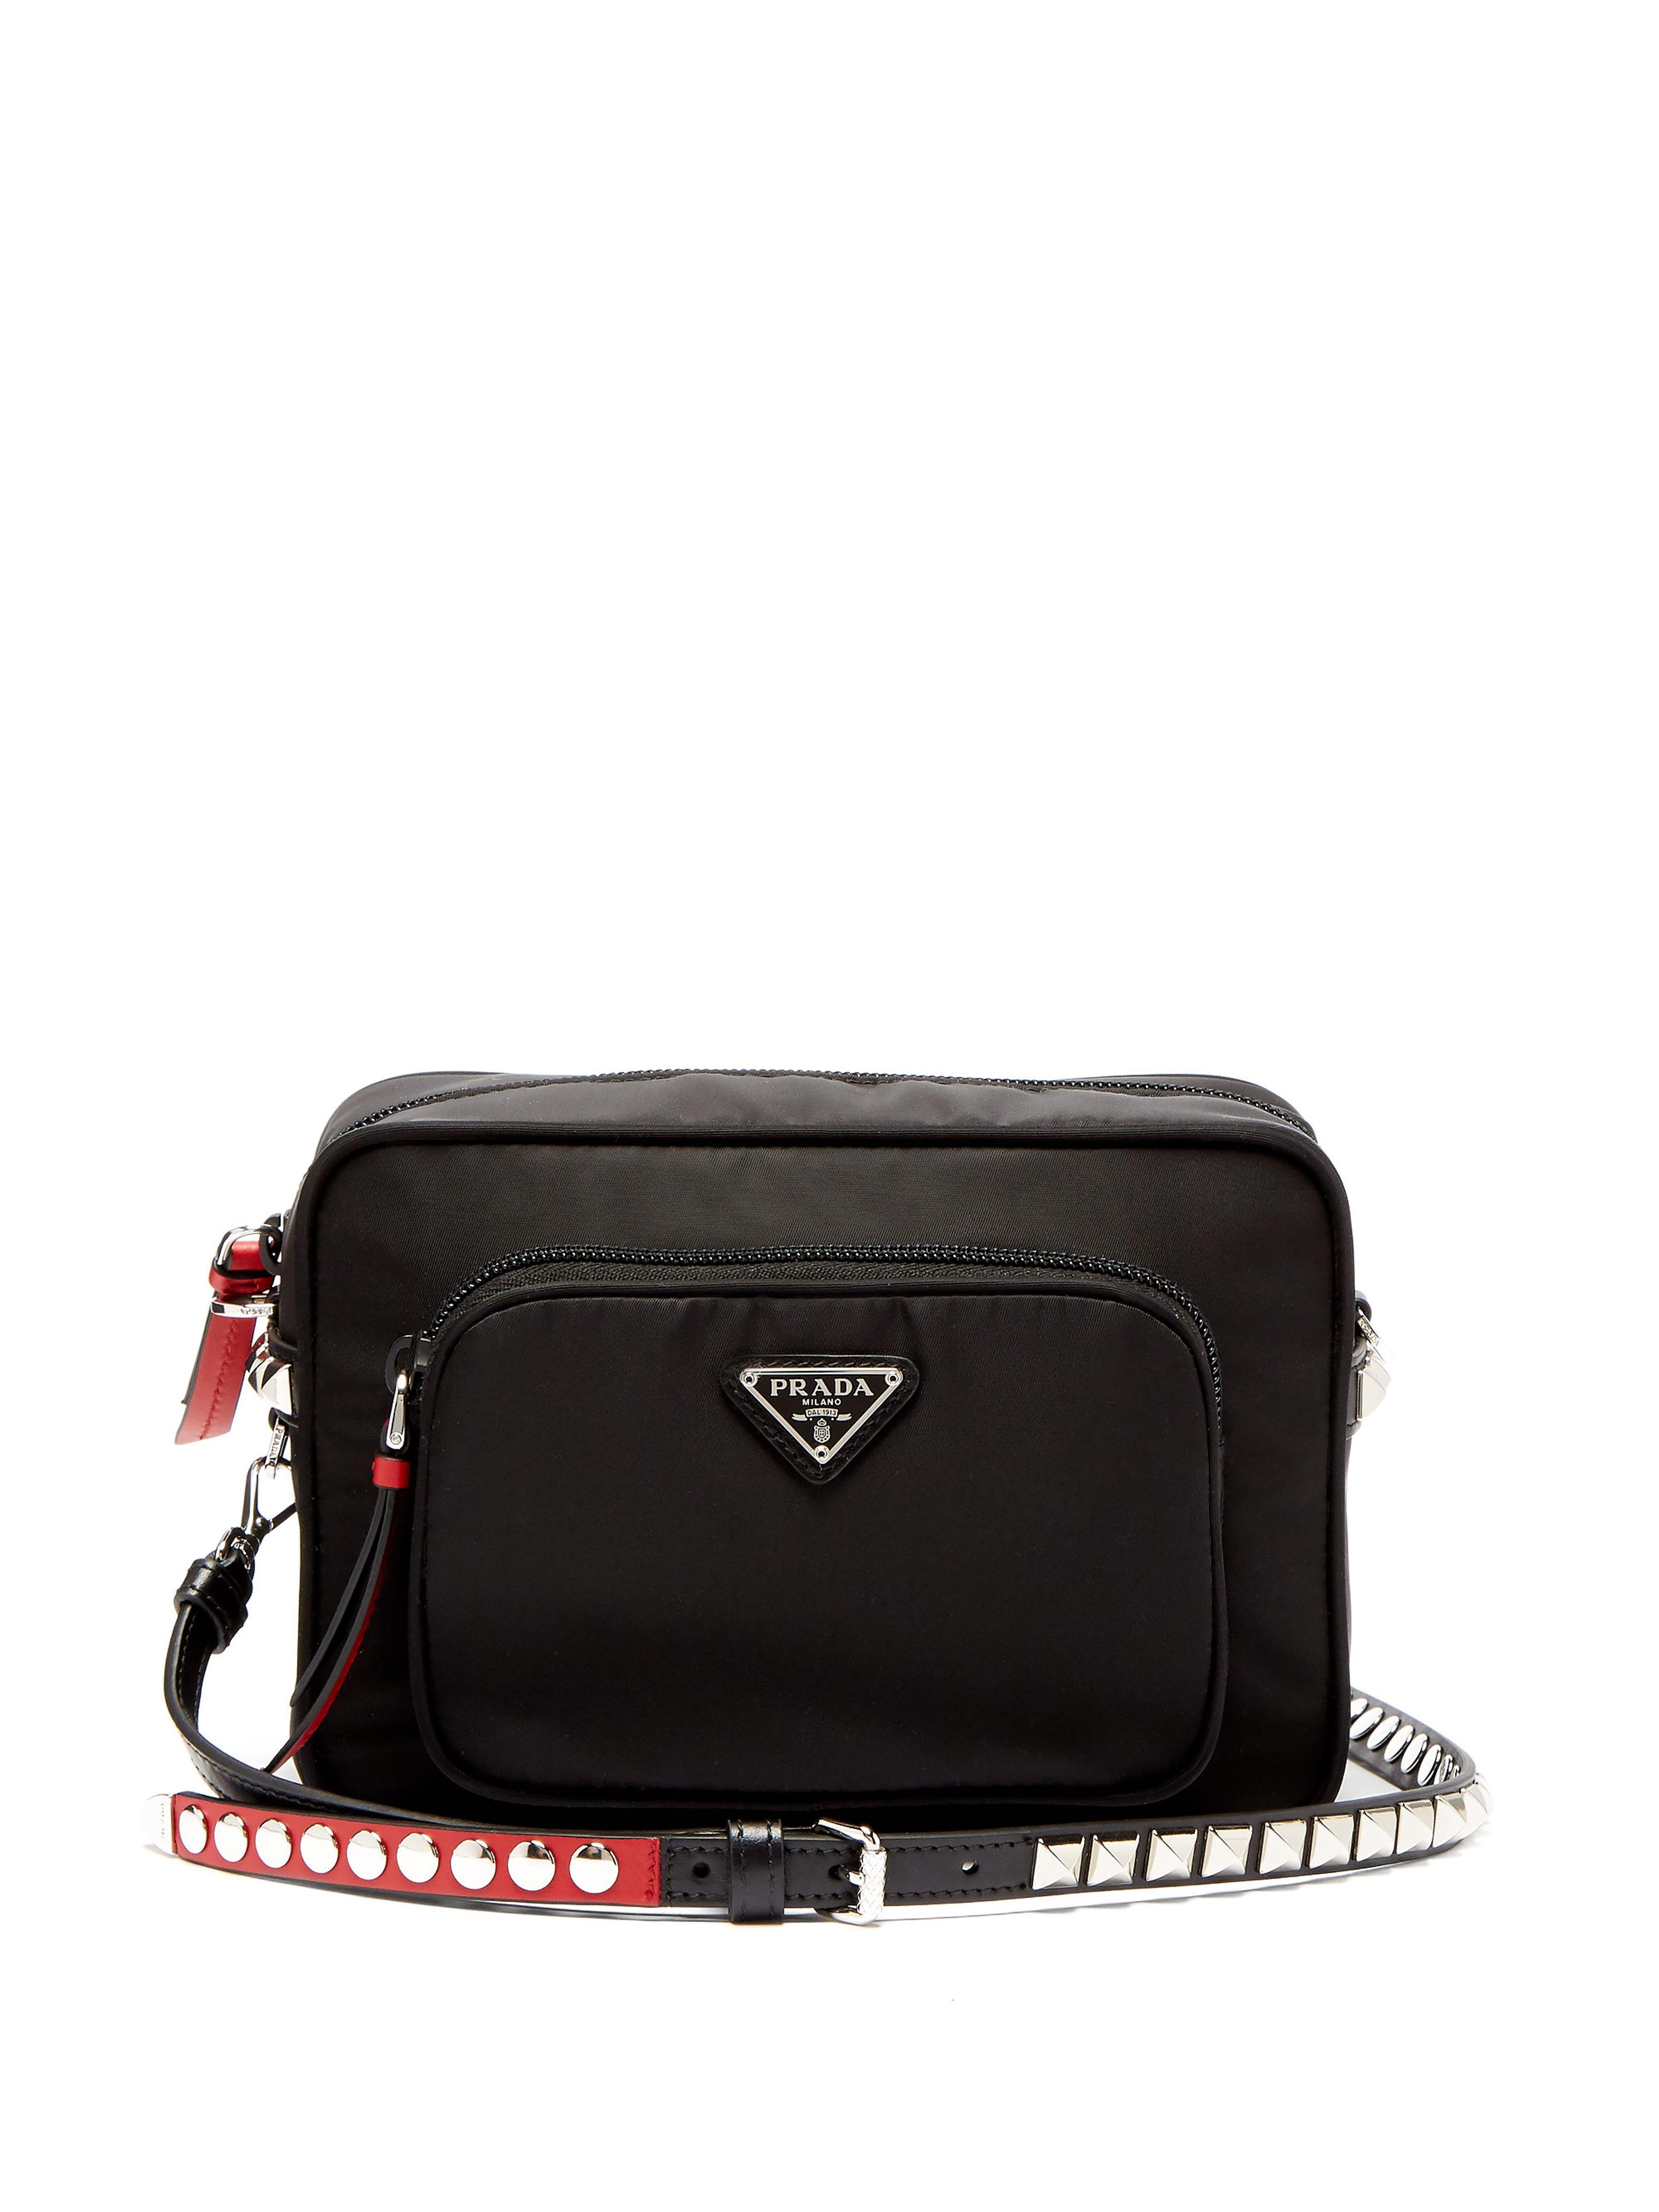 079d41c67cb6 Prada - Black New Vela Mini Studded Nylon Cross Body Bag - Lyst. View  fullscreen